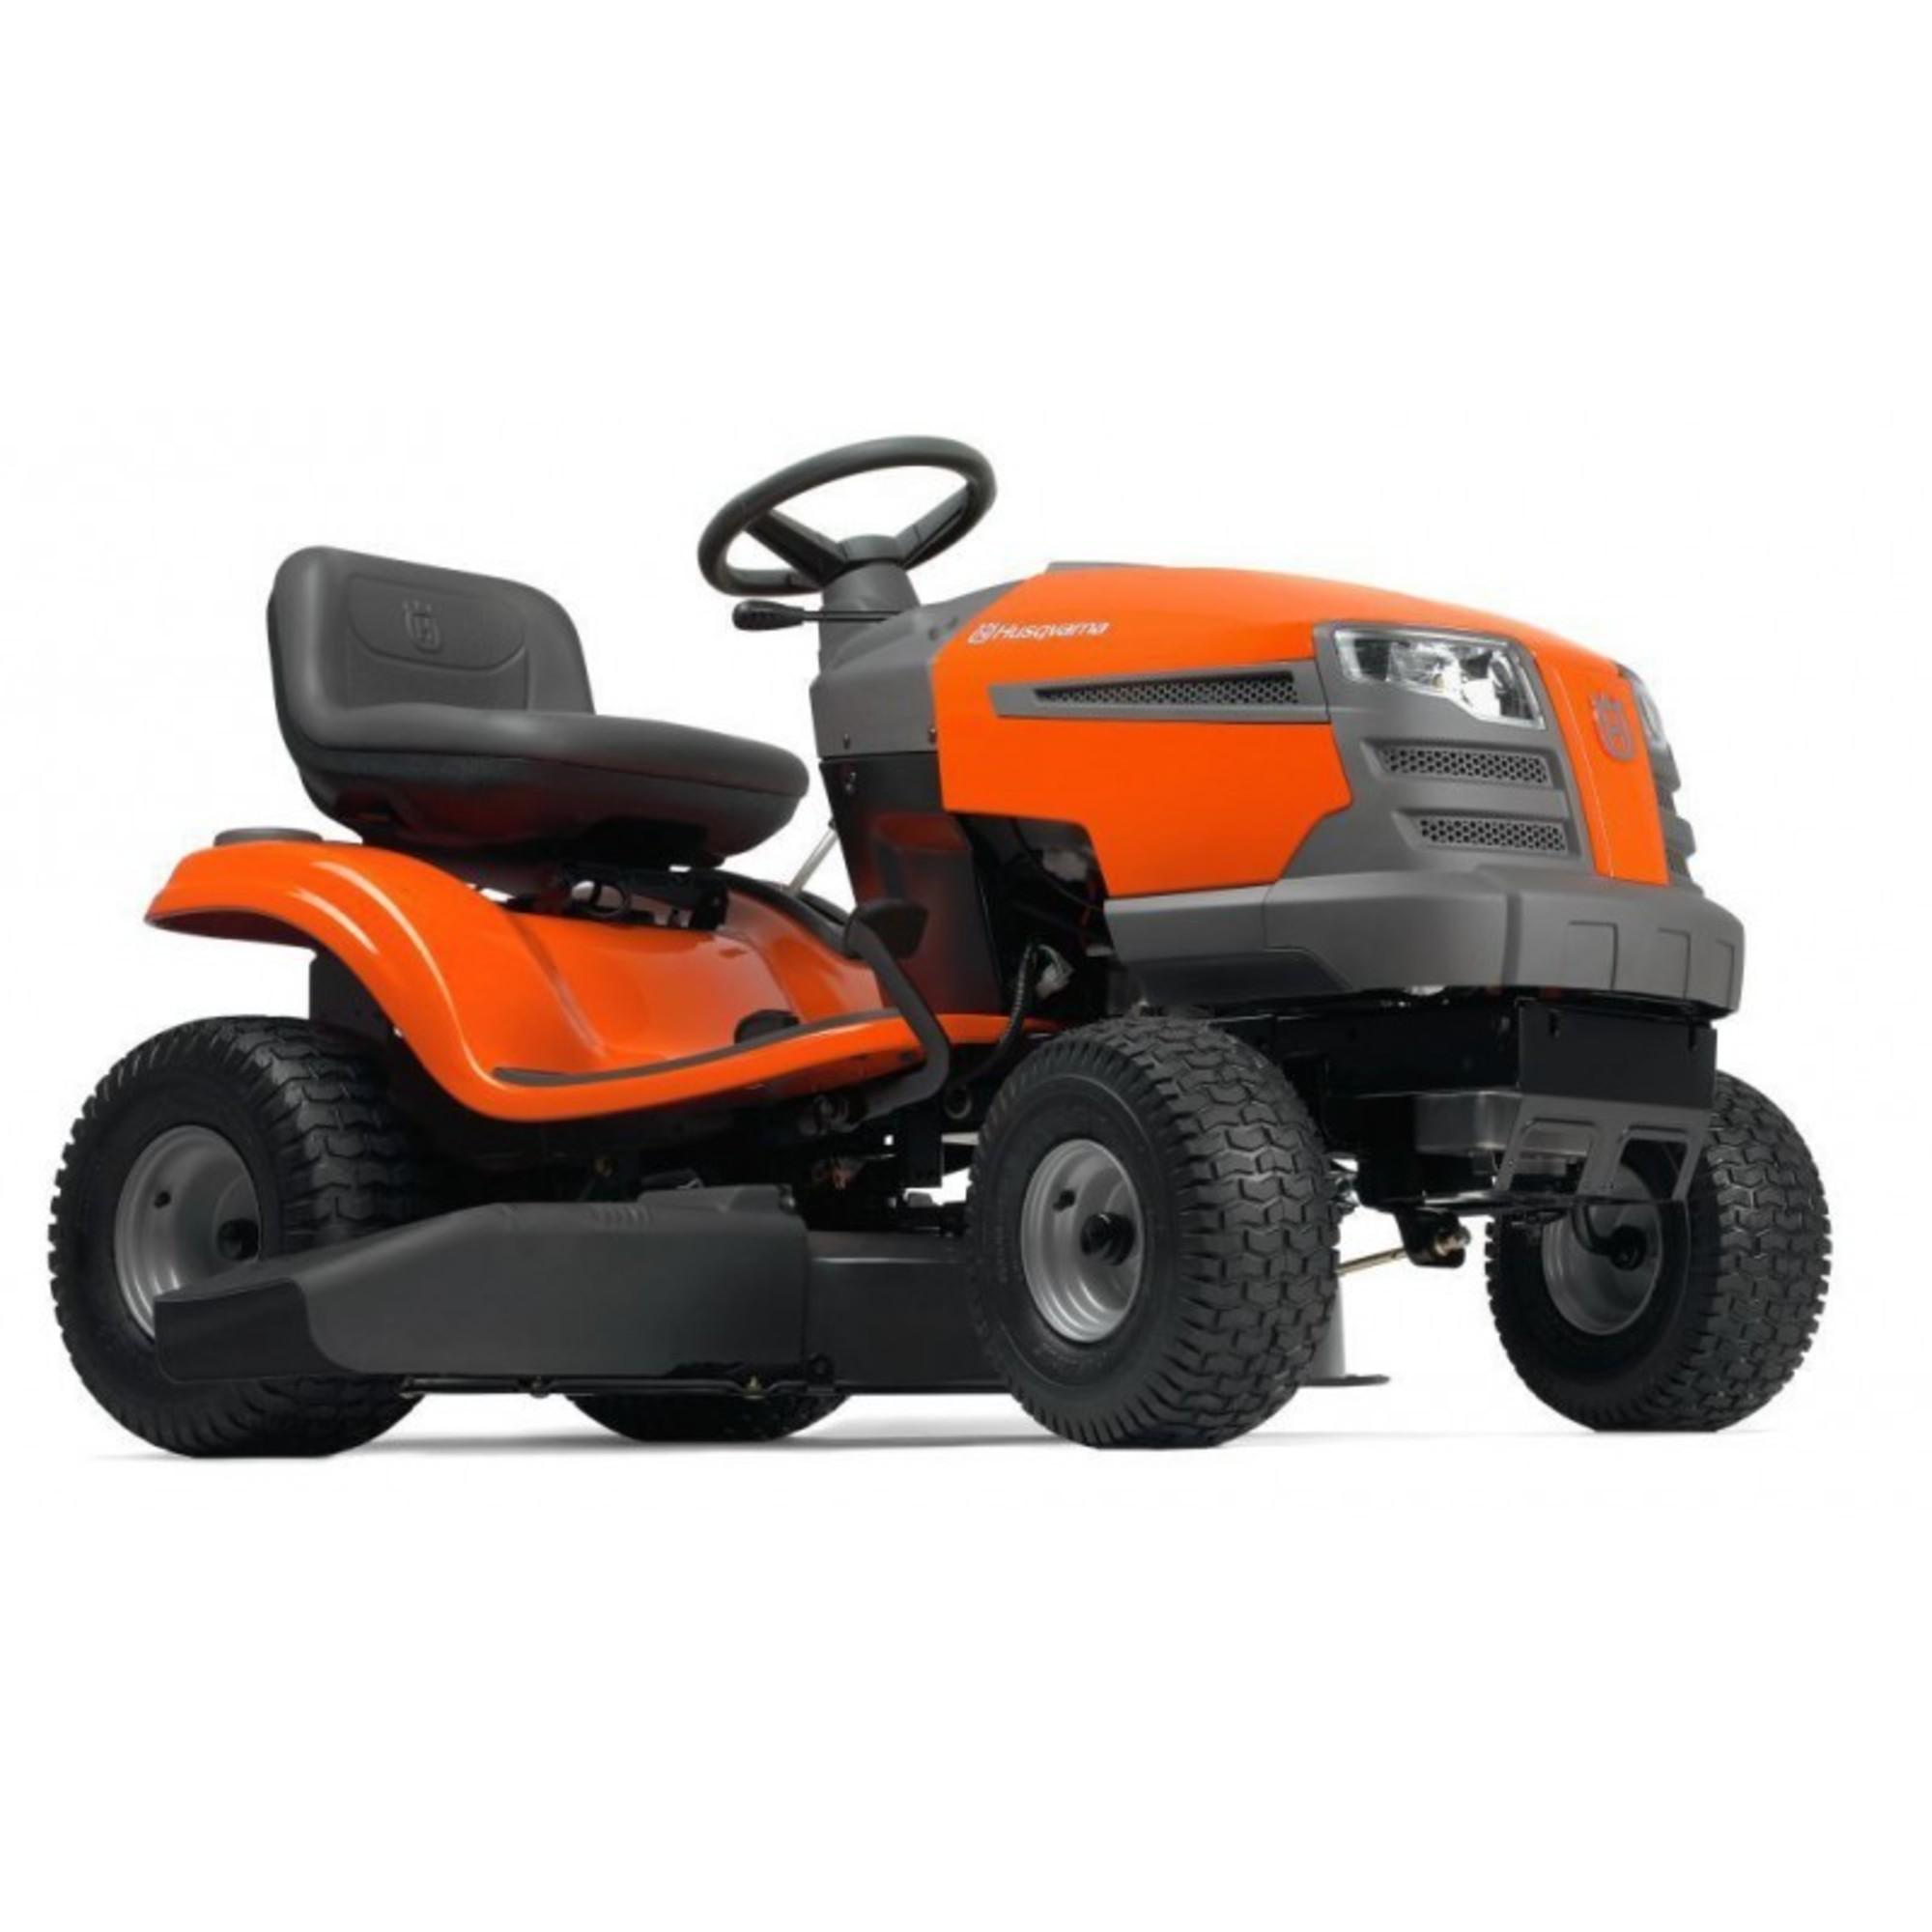 Tracteur tondeuse - TS138M